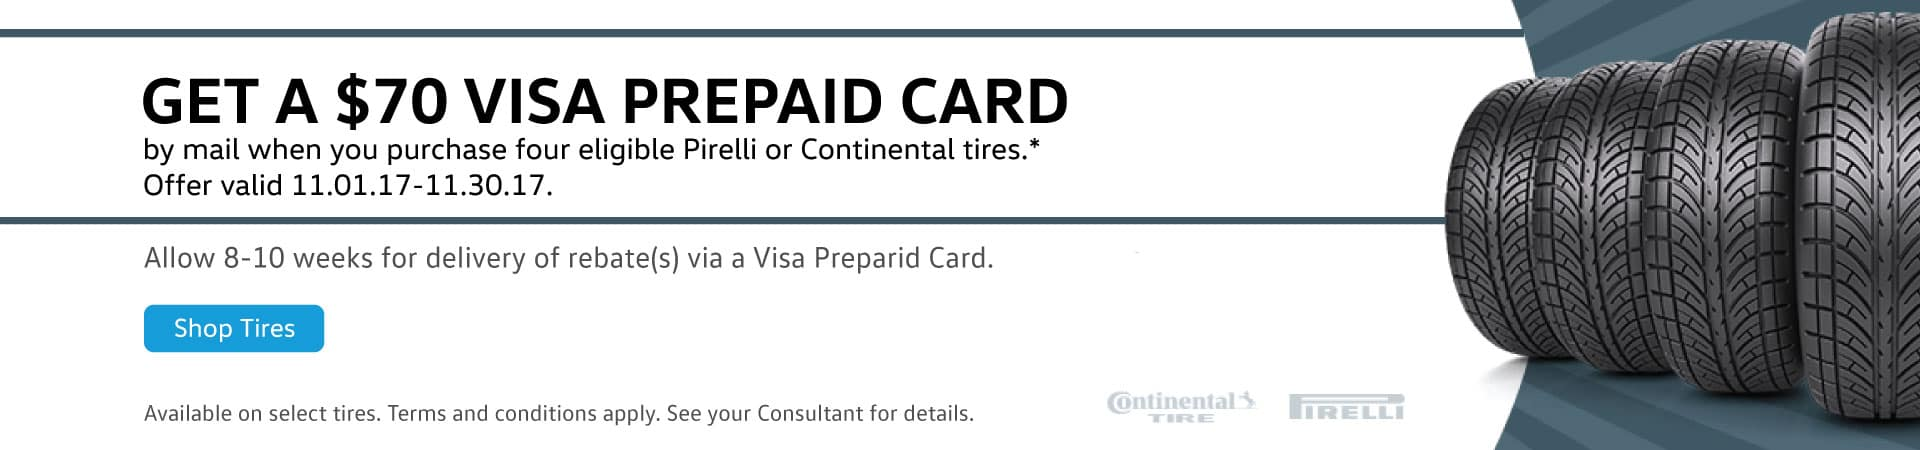 70 Pre Paid Card